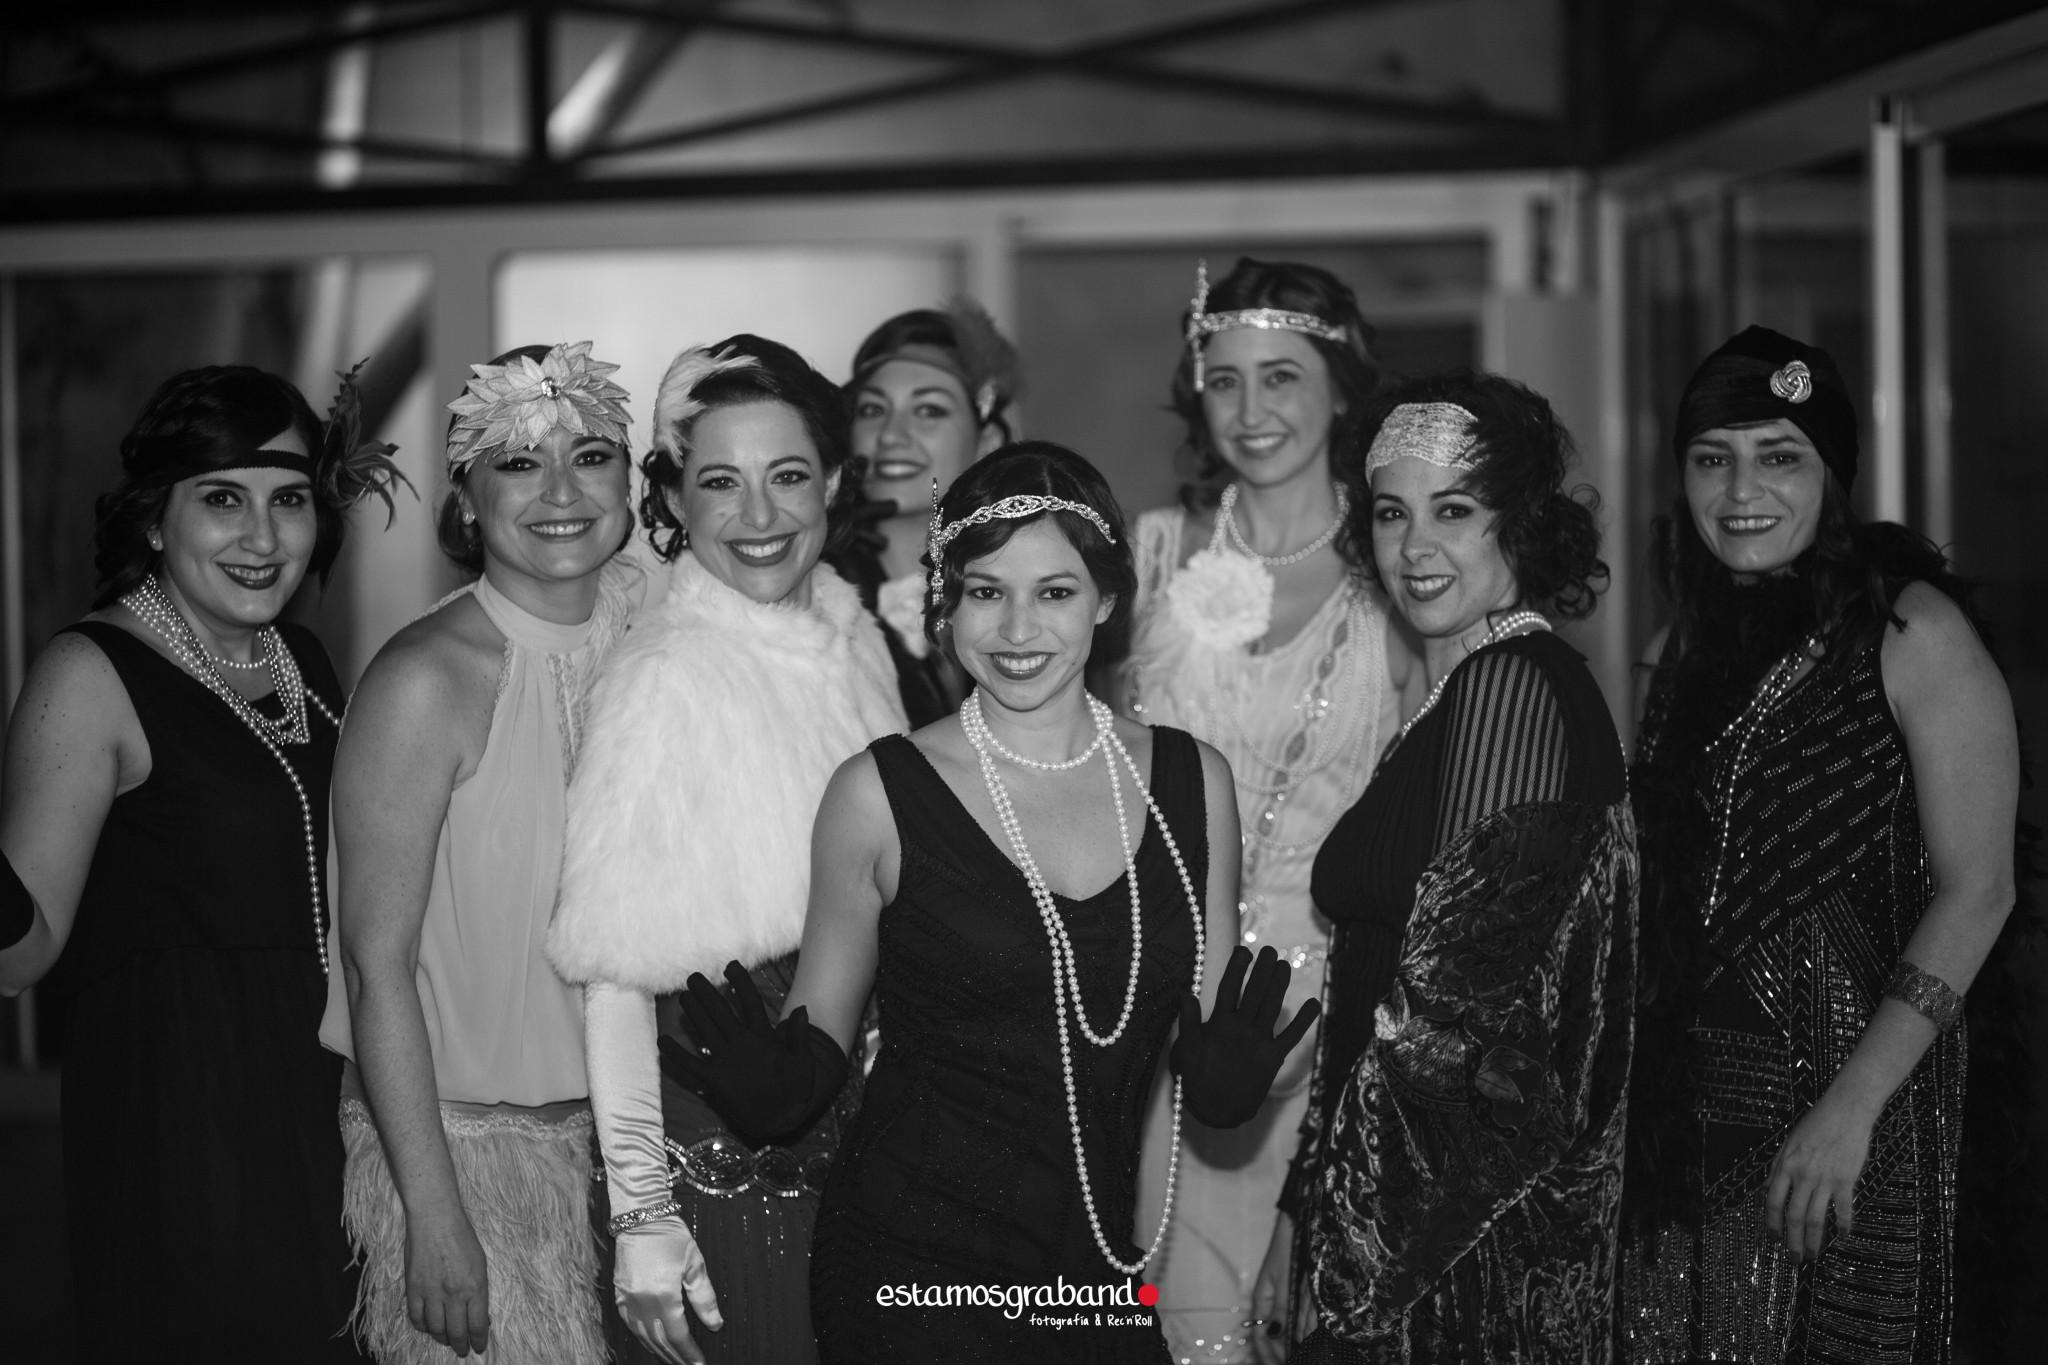 Años-20-BBTP-6-de-109 Los locos Años 20 [Fotografía en La Teta de Julieta, Cádiz] - video boda cadiz